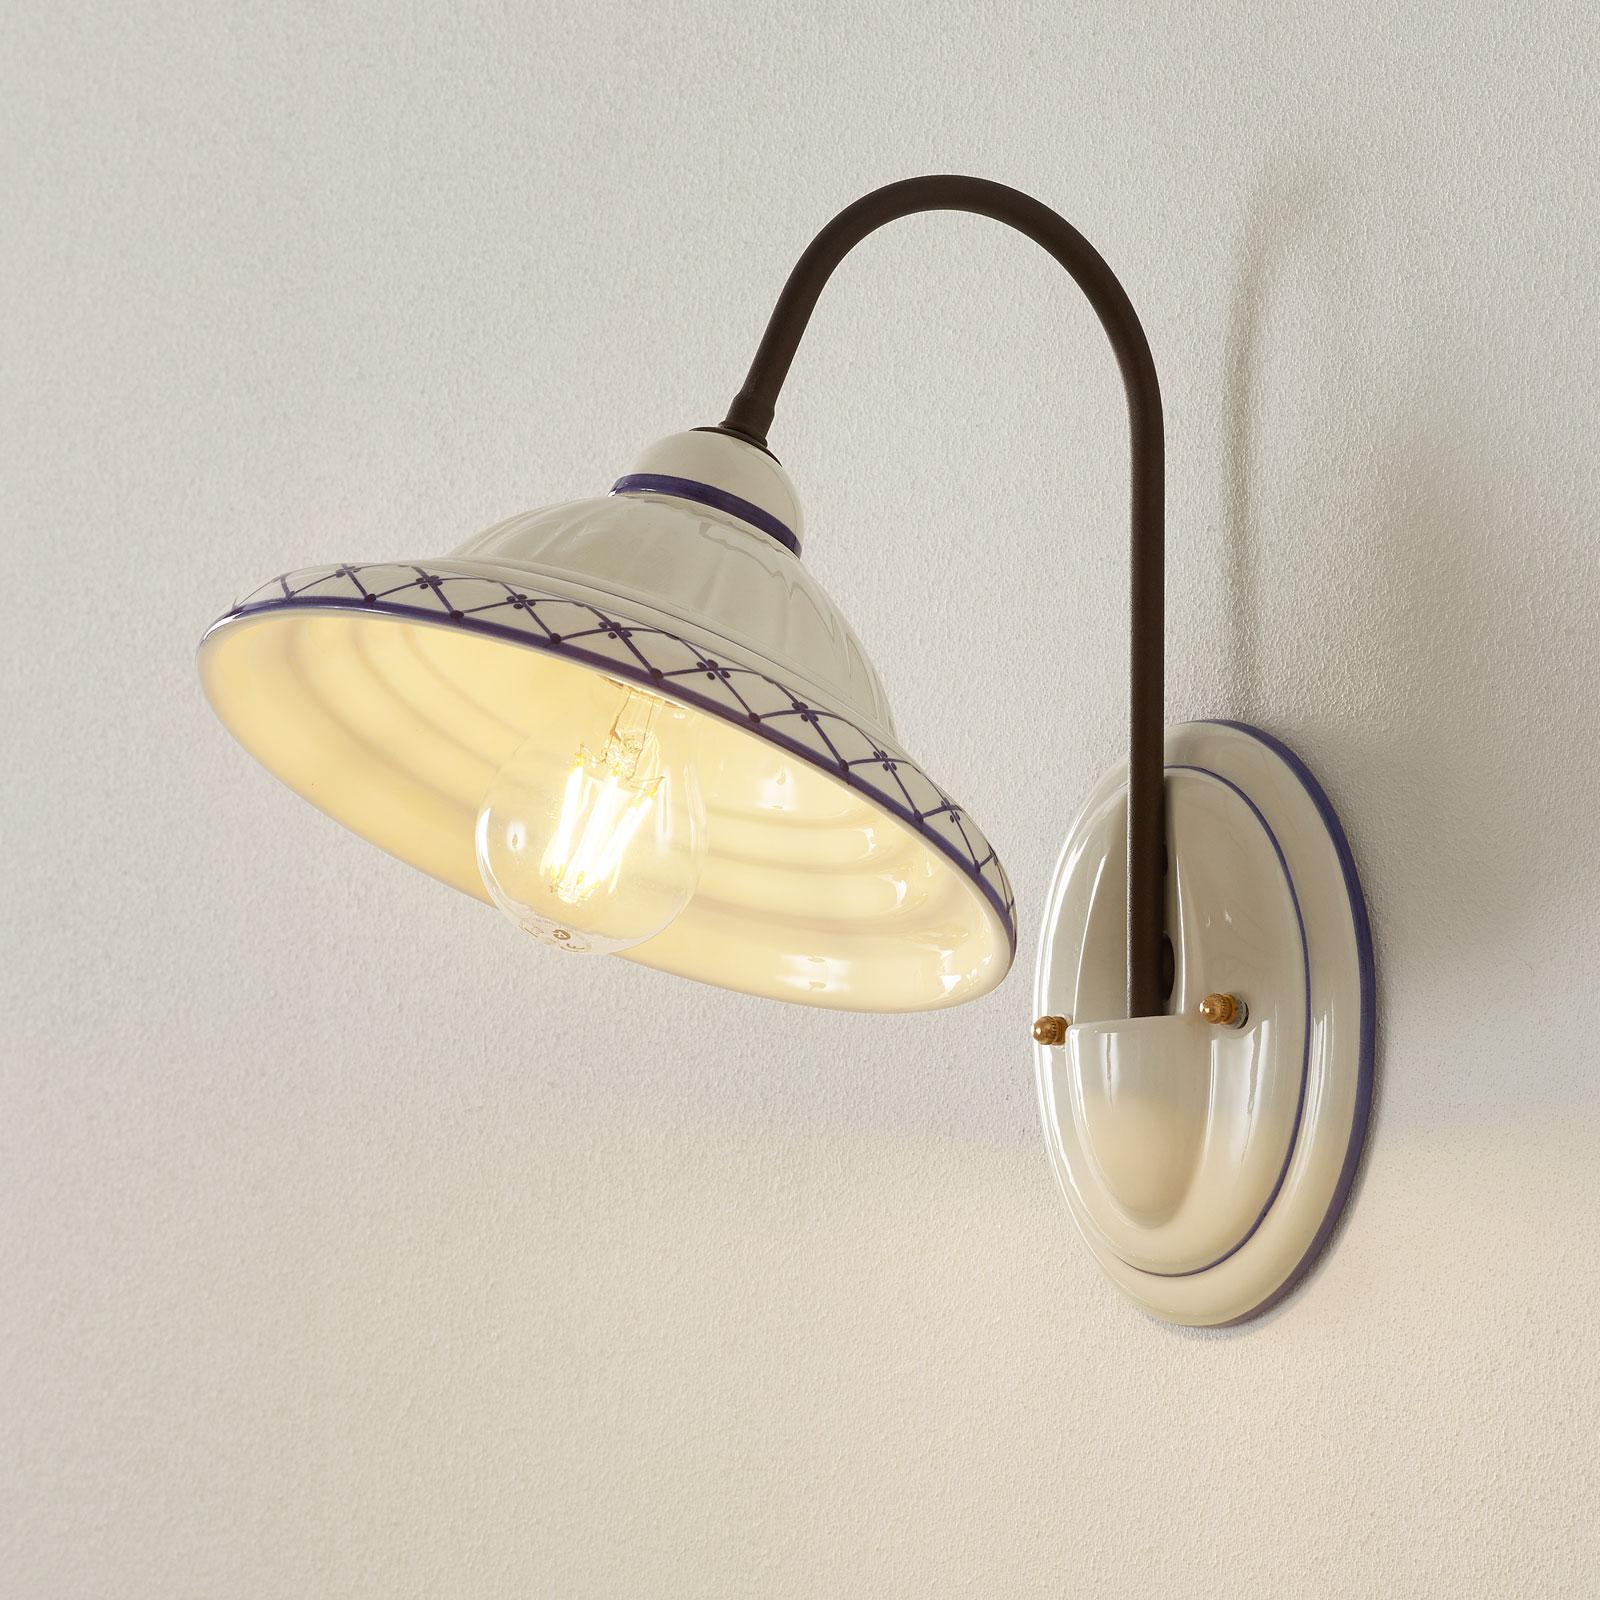 Lampa ścienna FIRENZE z brązowym ramieniem